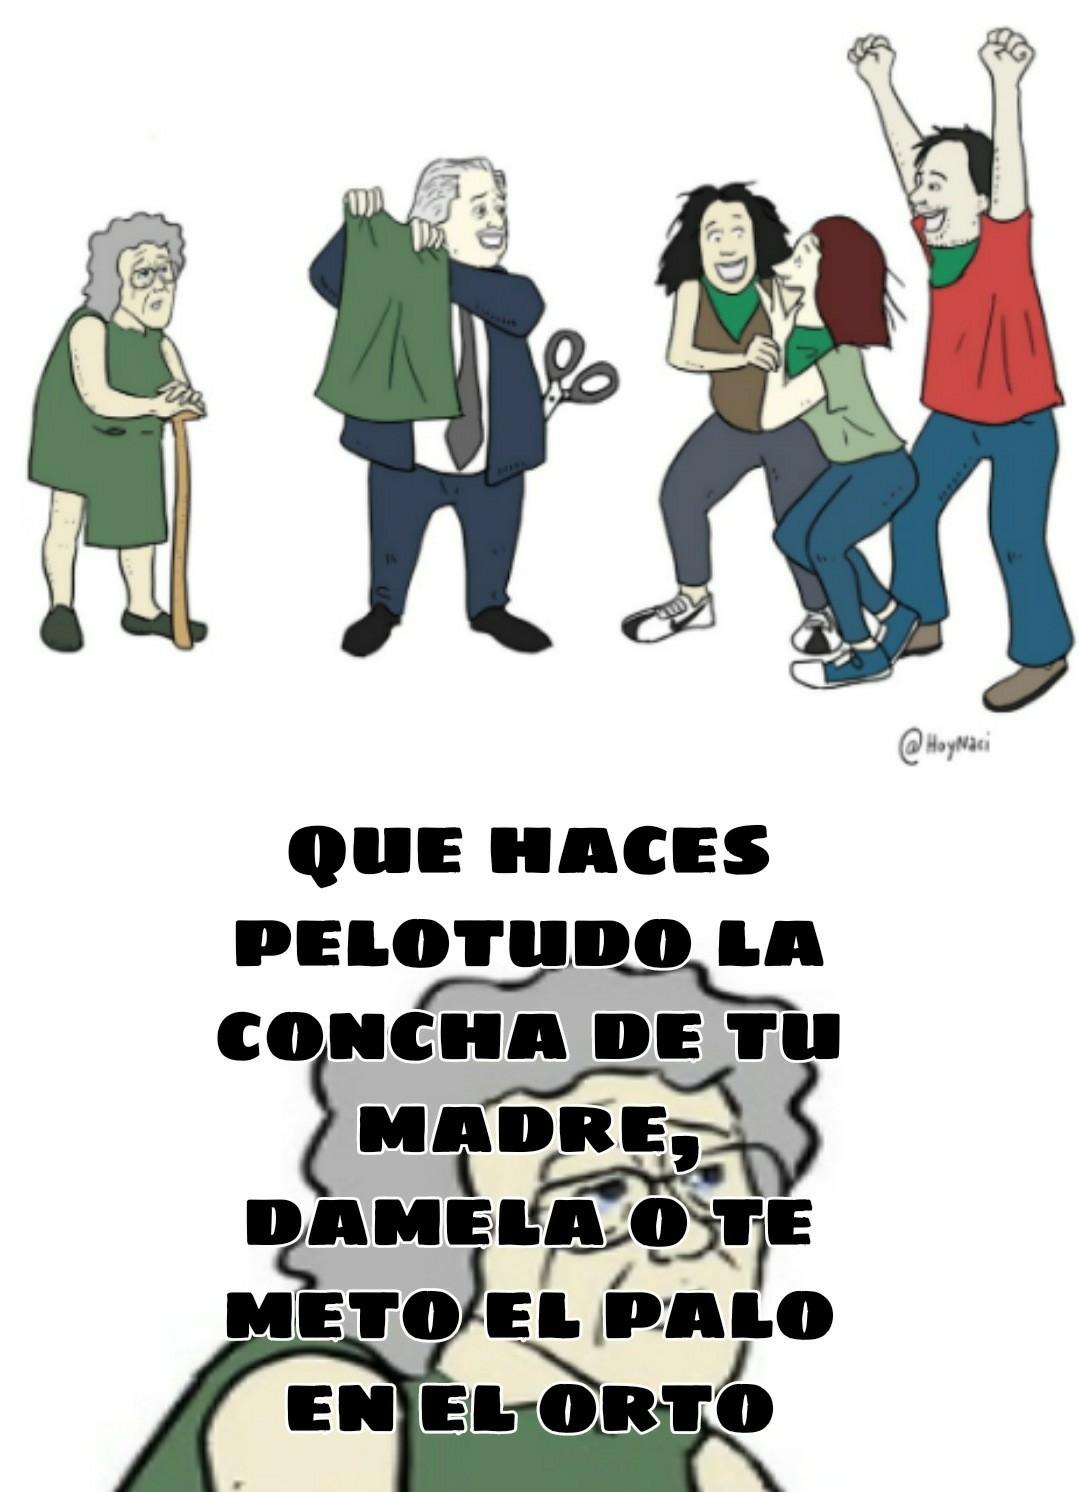 Alberto Fernandez y los super amigos - meme